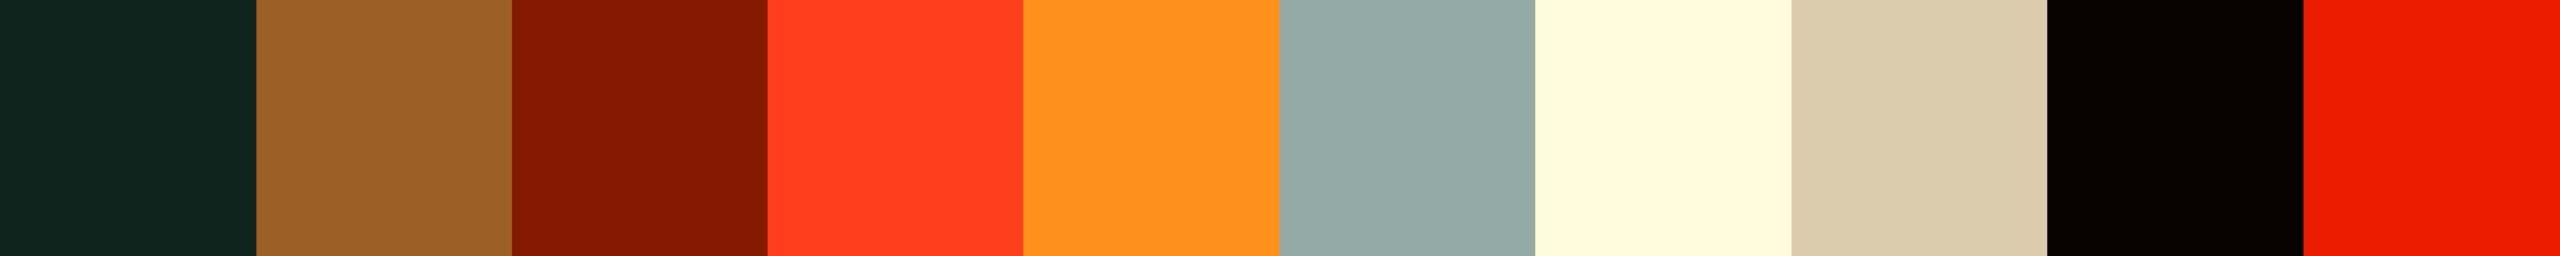 262 Franticela Color Palette